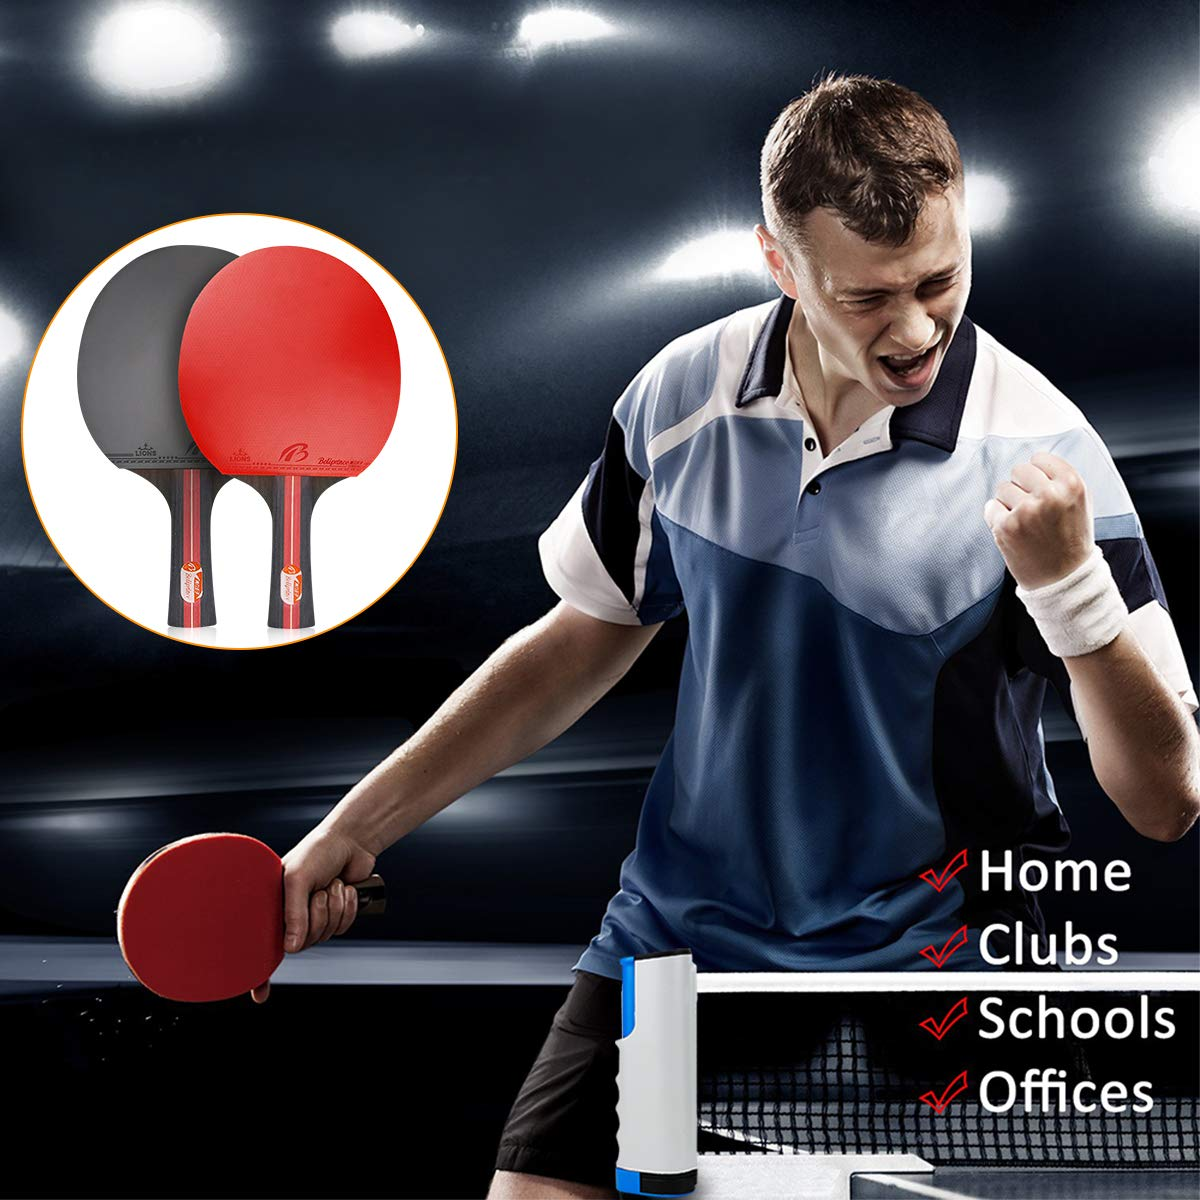 Adatto a Qualsiasi Tavolo 1 Regolabile Rete per attivit/à Allaperto al Coperto 4 Racchetta//Pagaia 8 Palline//Sfere Powcan Set da Ping Pong Racchette da Ping Pong Racket